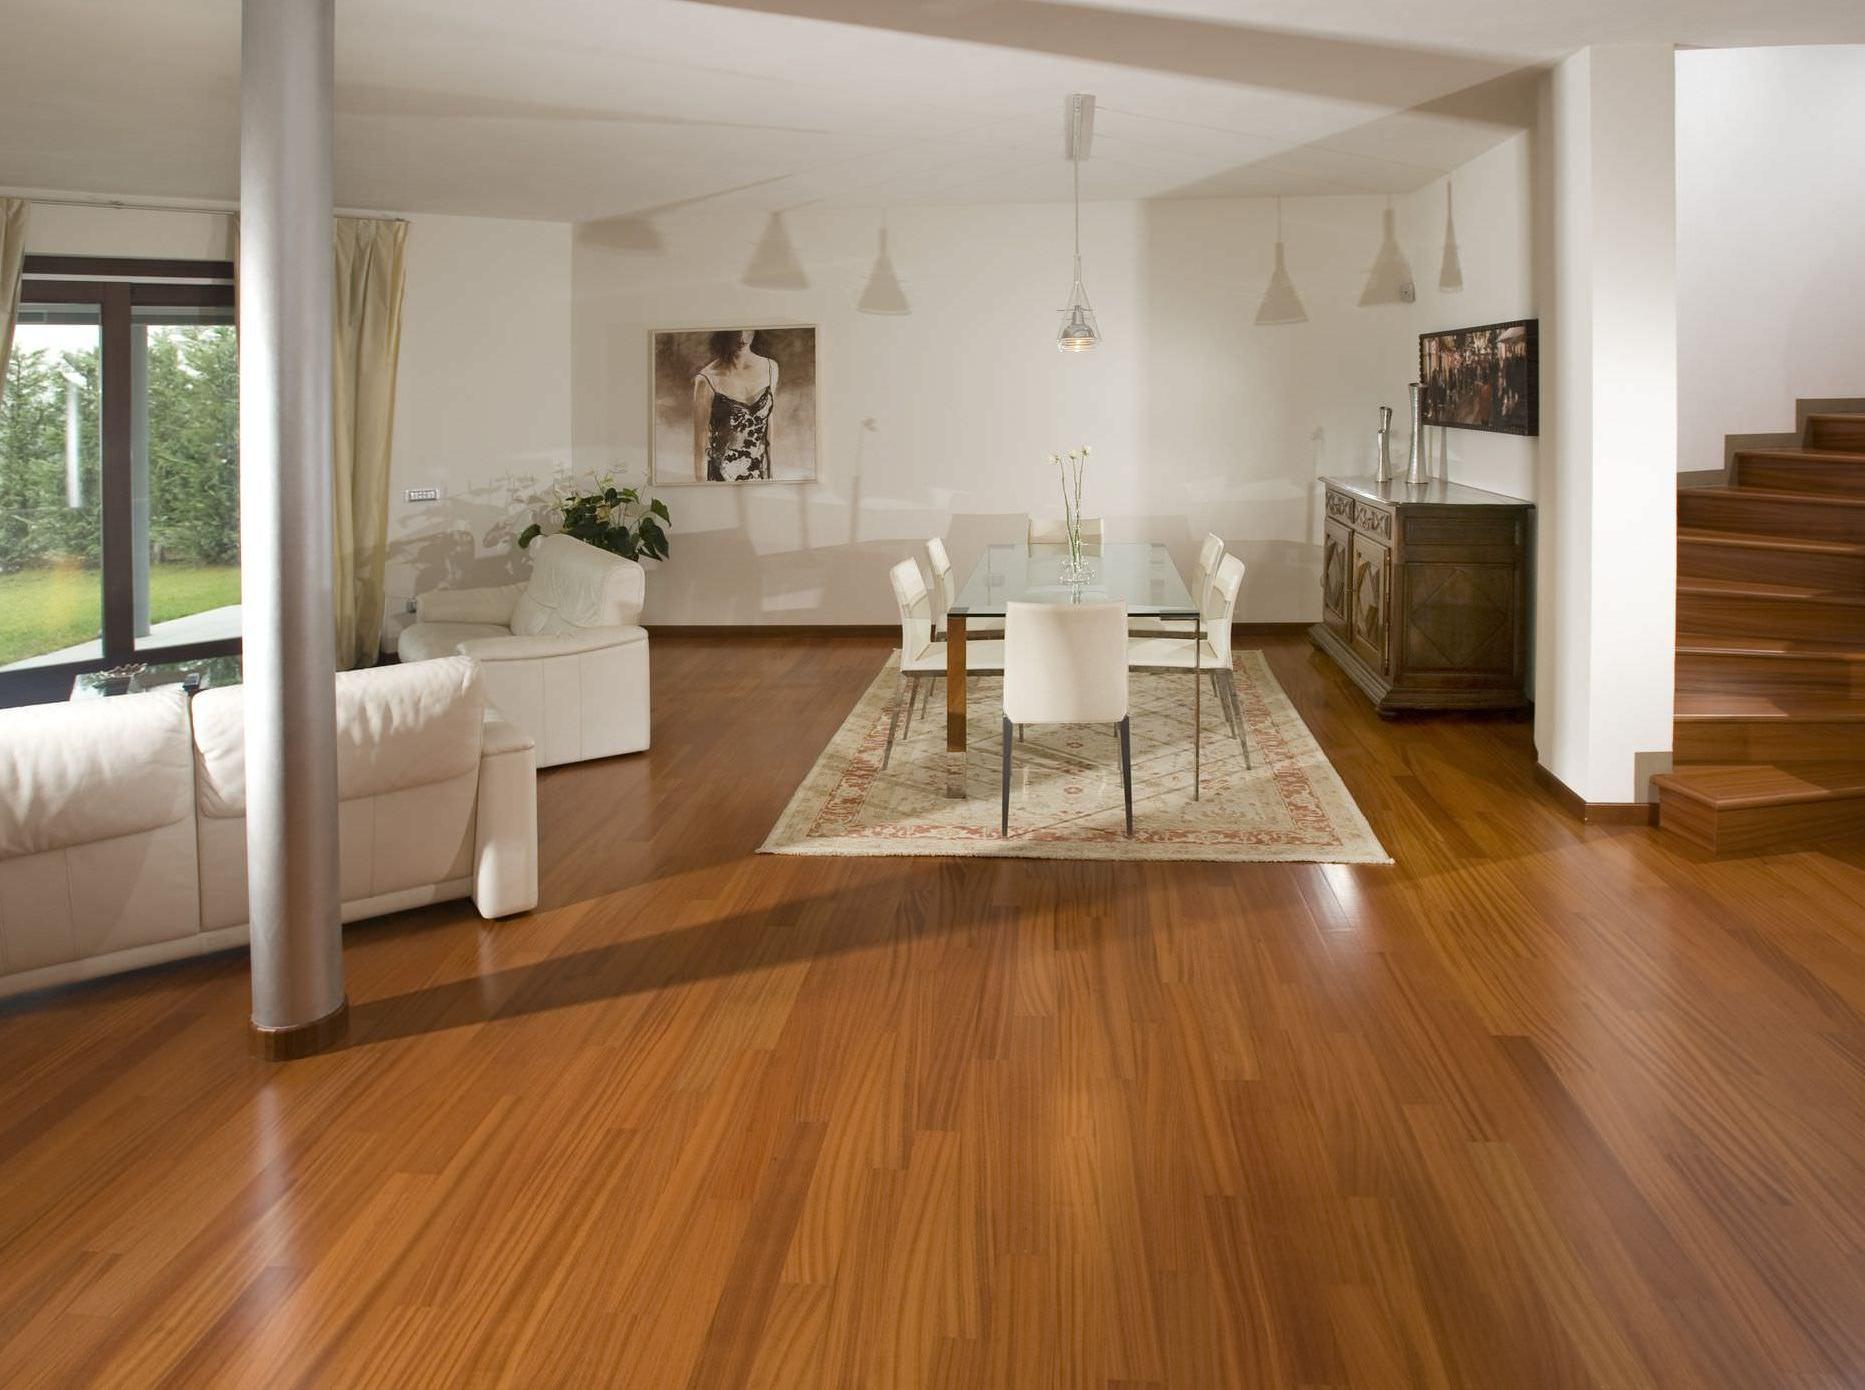 Riscaldamento A Pavimento E Laminato pavimenti in legno: dal laminato ai legni pregiati |